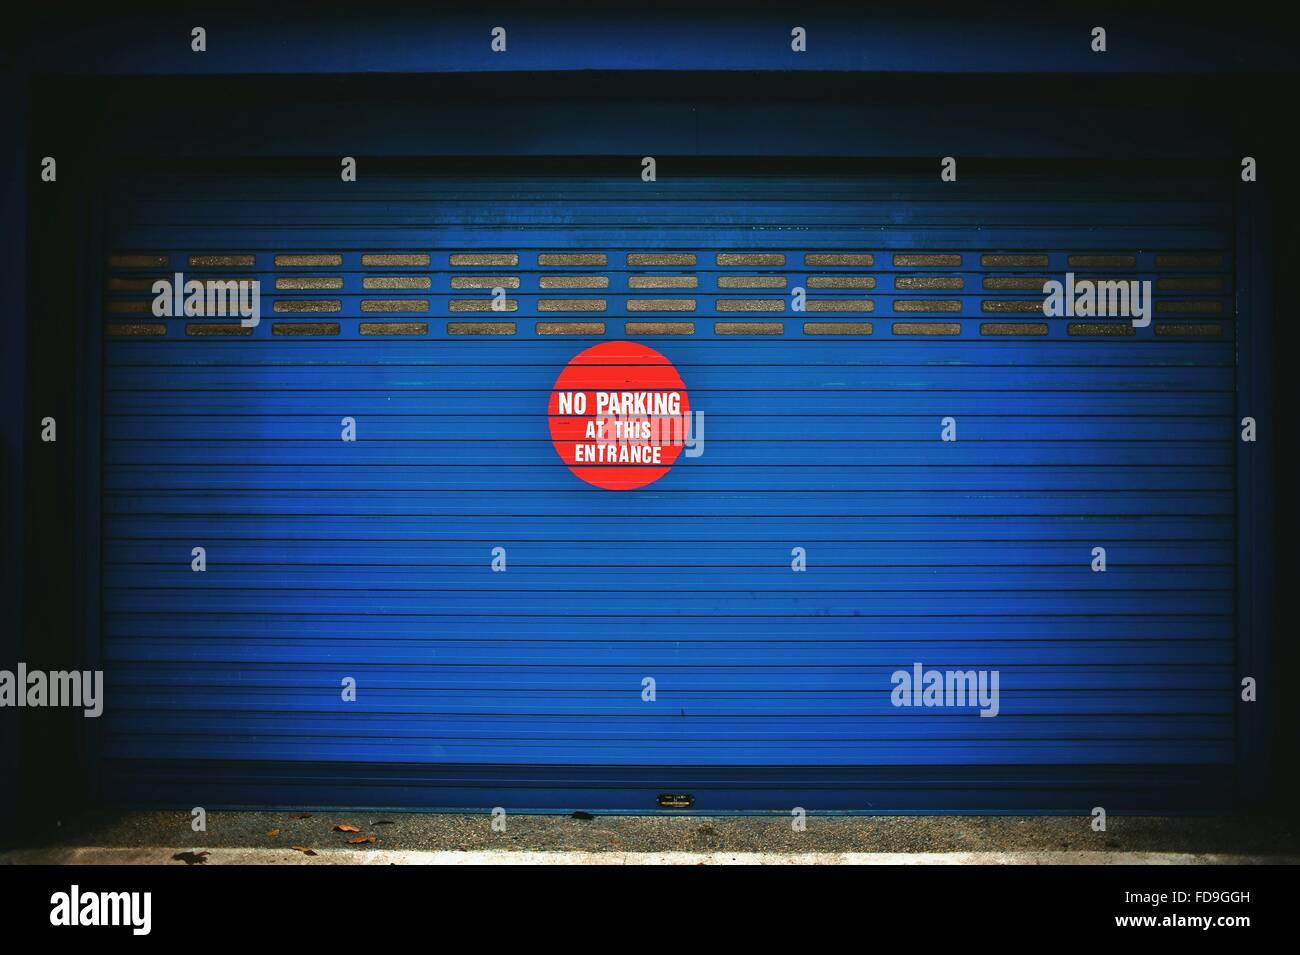 No hay aparcamiento Sign On Obturador azul Imagen De Stock